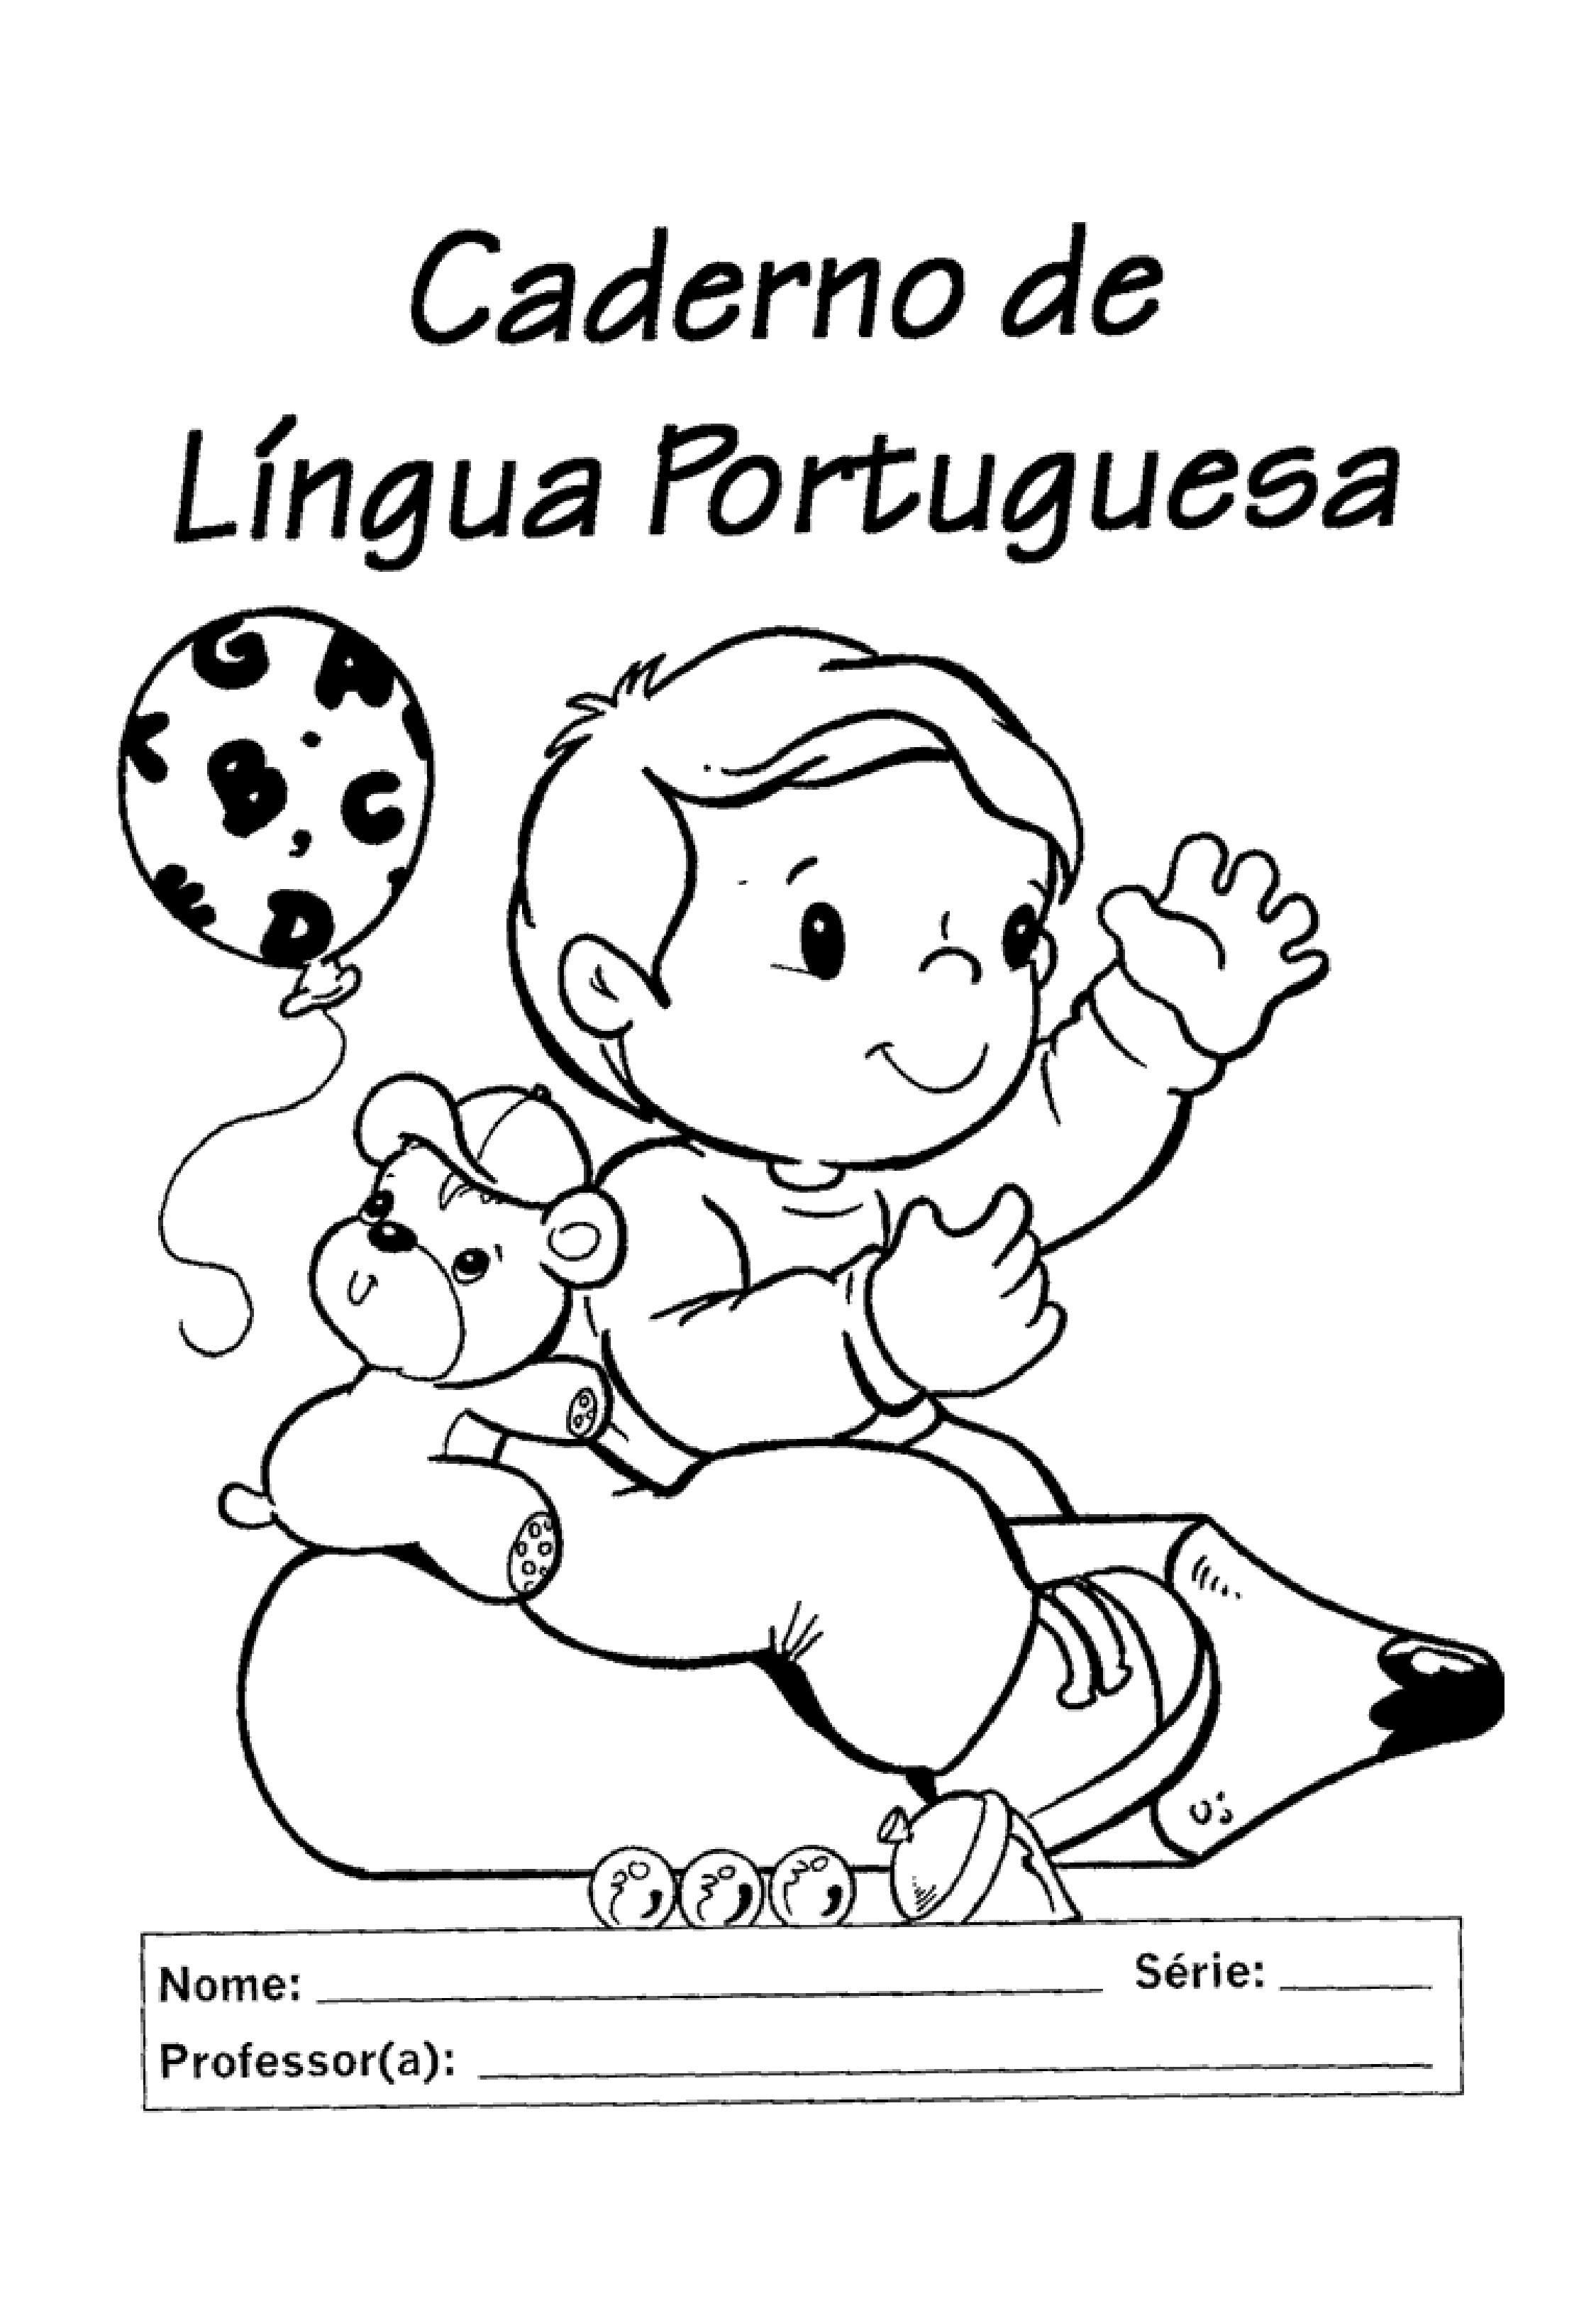 Capas De Caderno Em Preto E Branco Para A Educacao Infantil